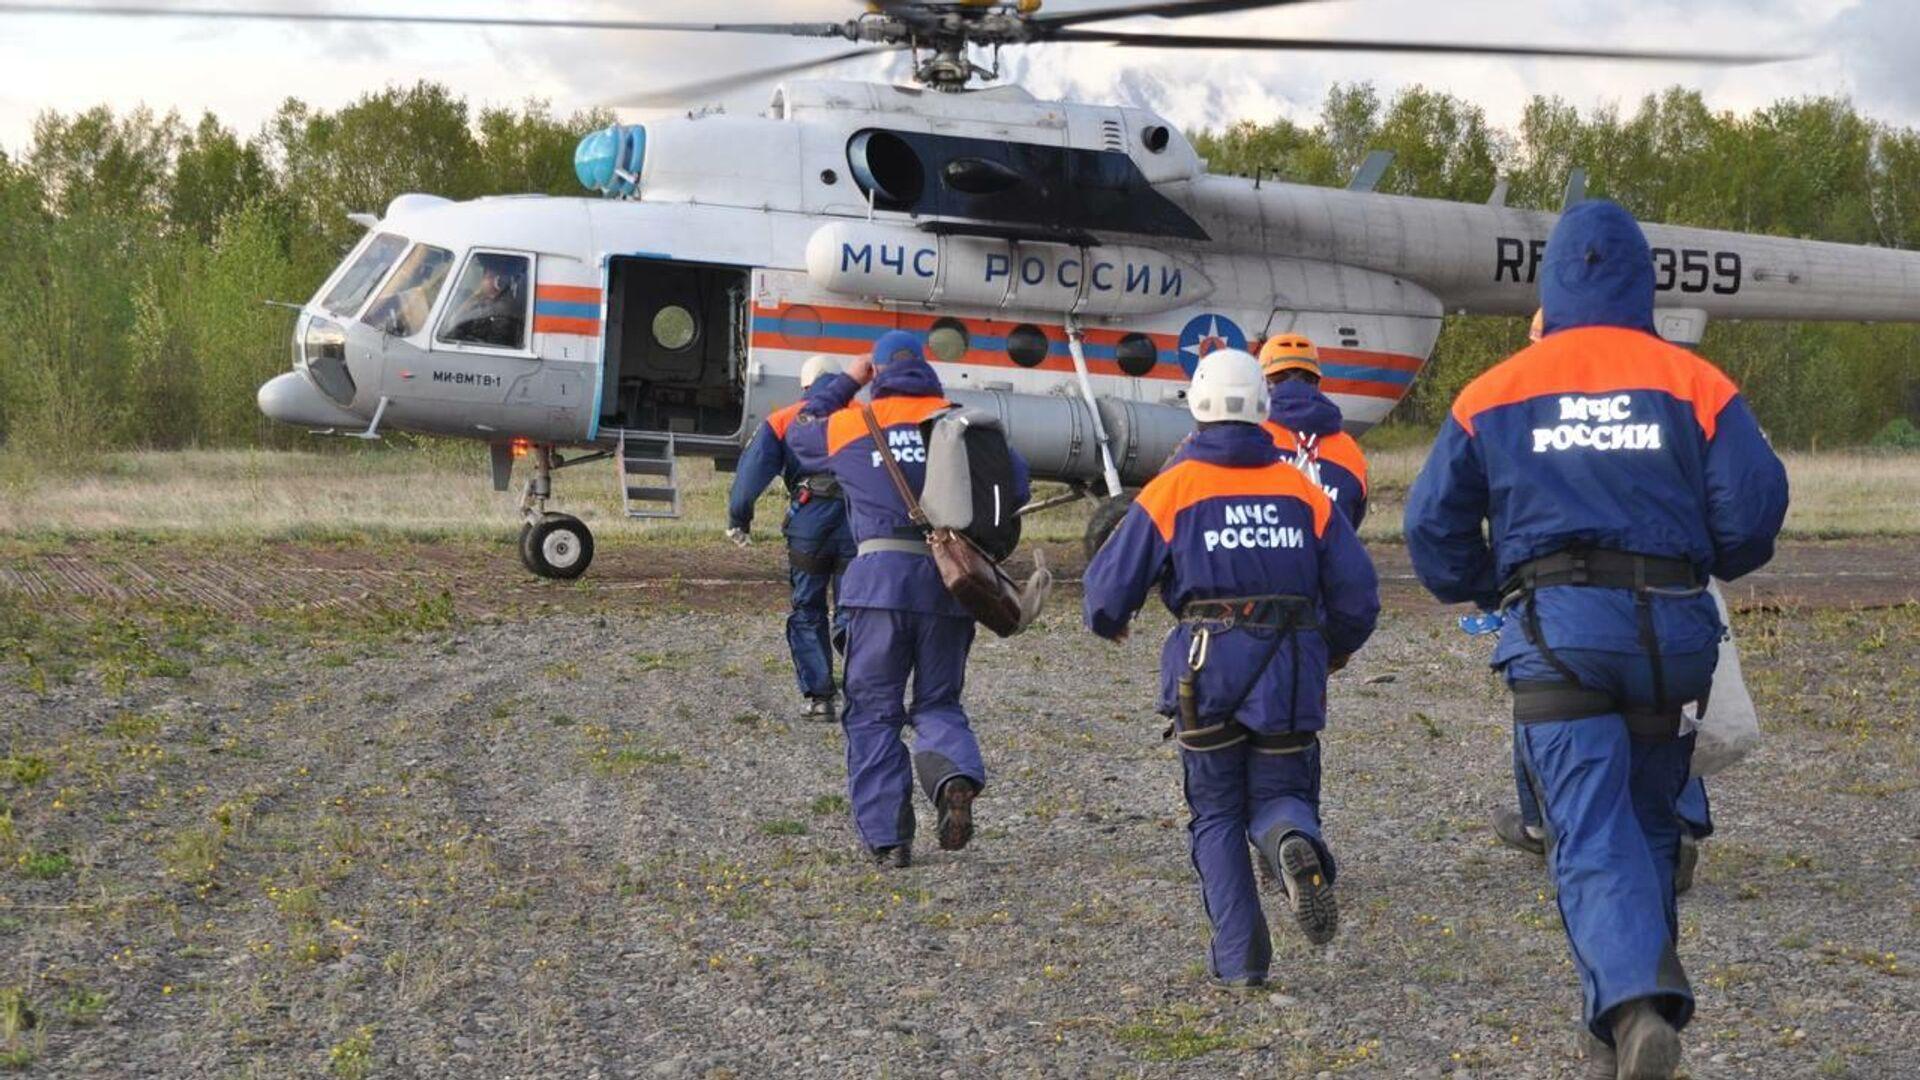 Spasilačka služba Ministarstva za vanredne situacije Rusije kreće na mesto pada Mi-8 - Sputnik Srbija, 1920, 12.08.2021